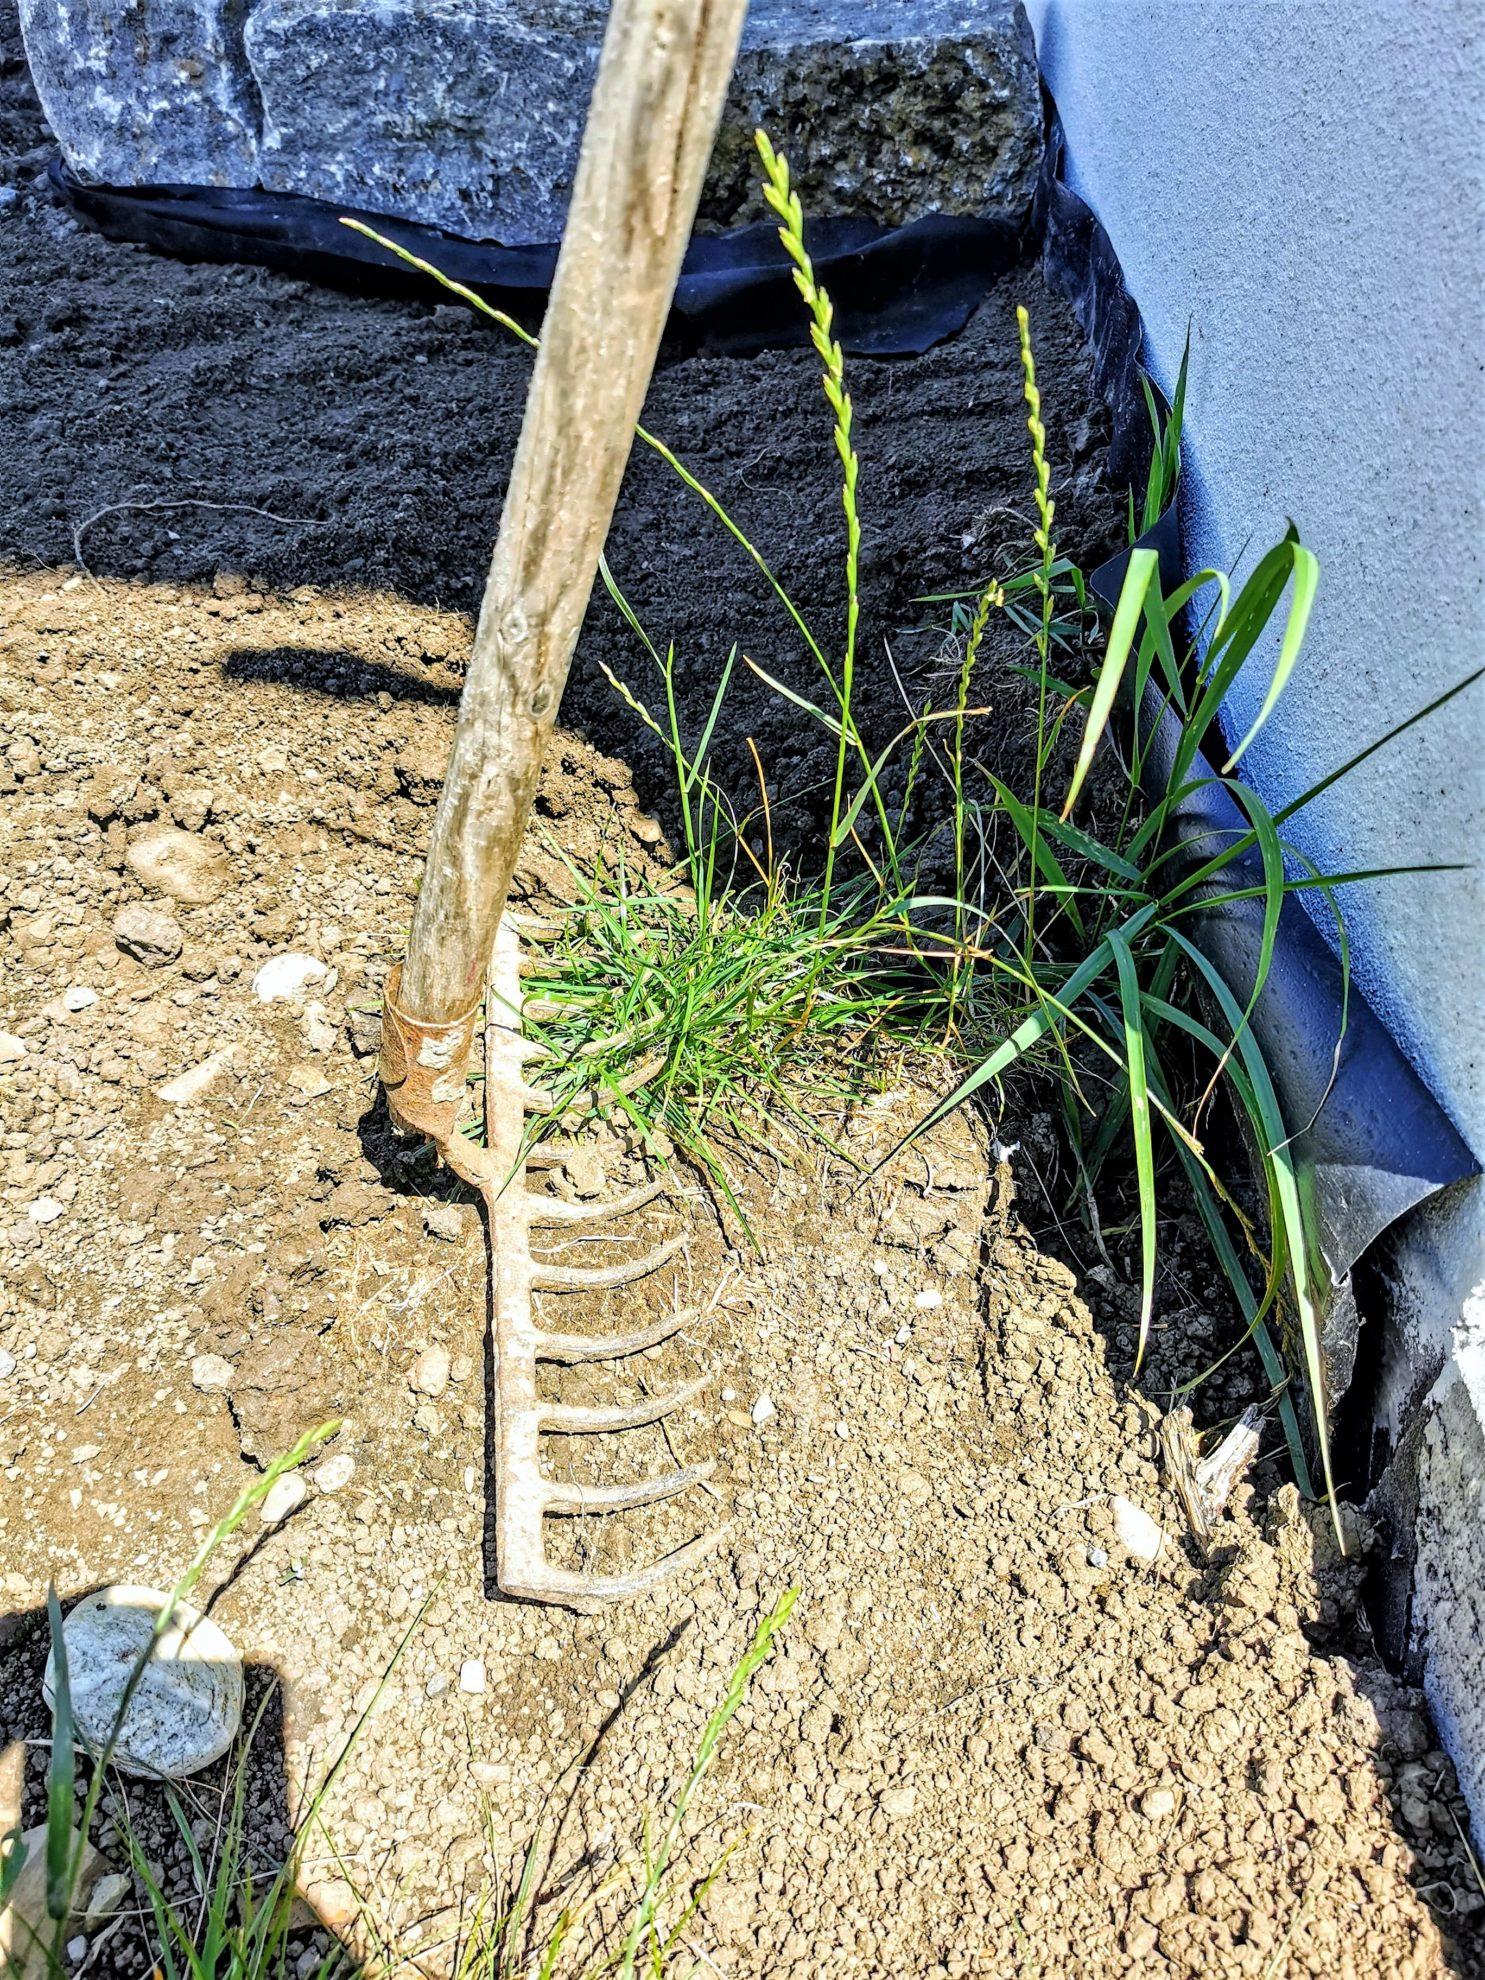 Leise Gartenarbeit geht auch am Sonntag. Steine schleppen zum Beispiel